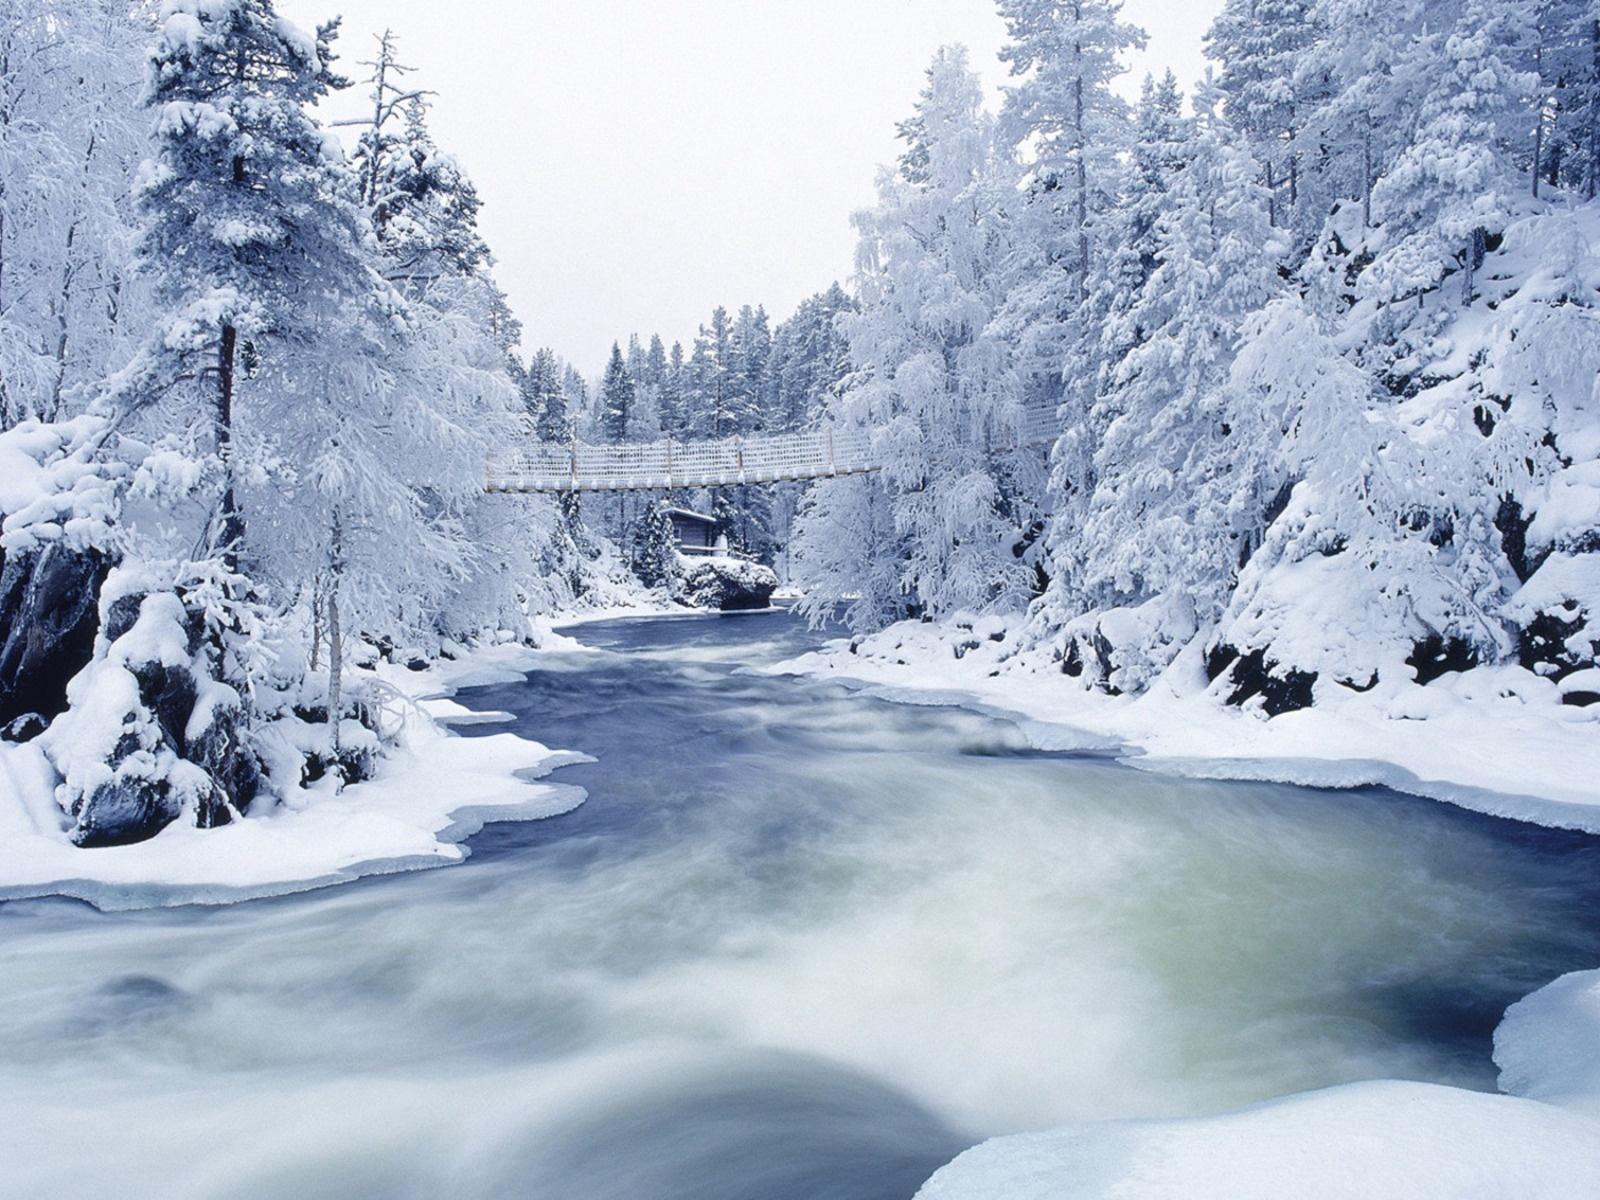 13336 скачать обои Пейзаж, Зима, Река, Деревья, Снег - заставки и картинки бесплатно